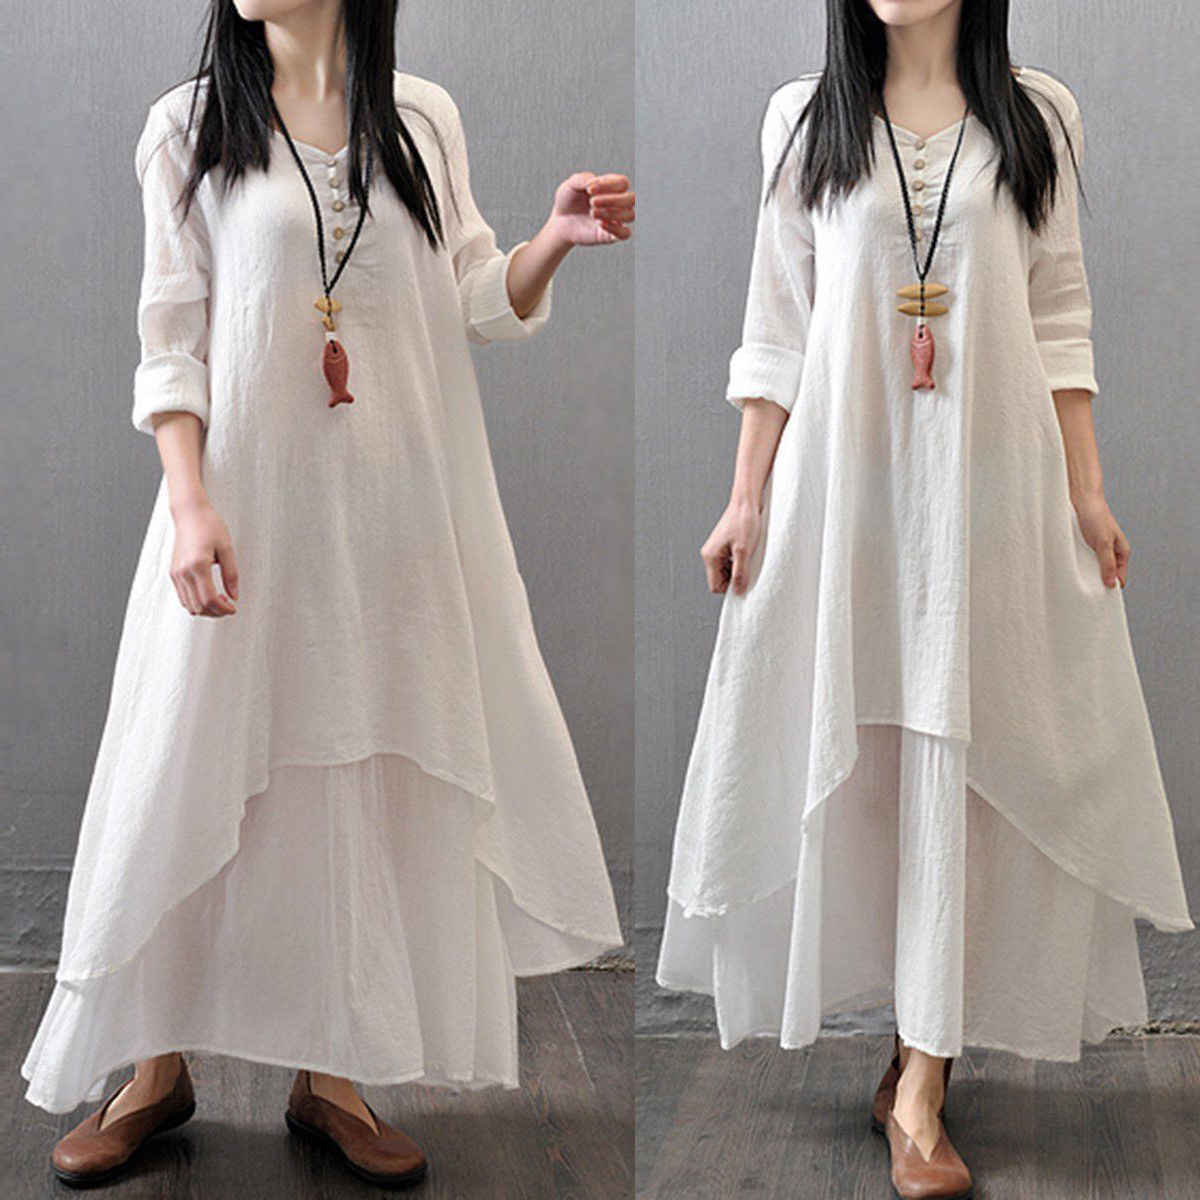 c80493f9c46 ... Spring Summer Women Long Cotton Linen Dress White Plus Size False Two  Pieces O-Neck ...